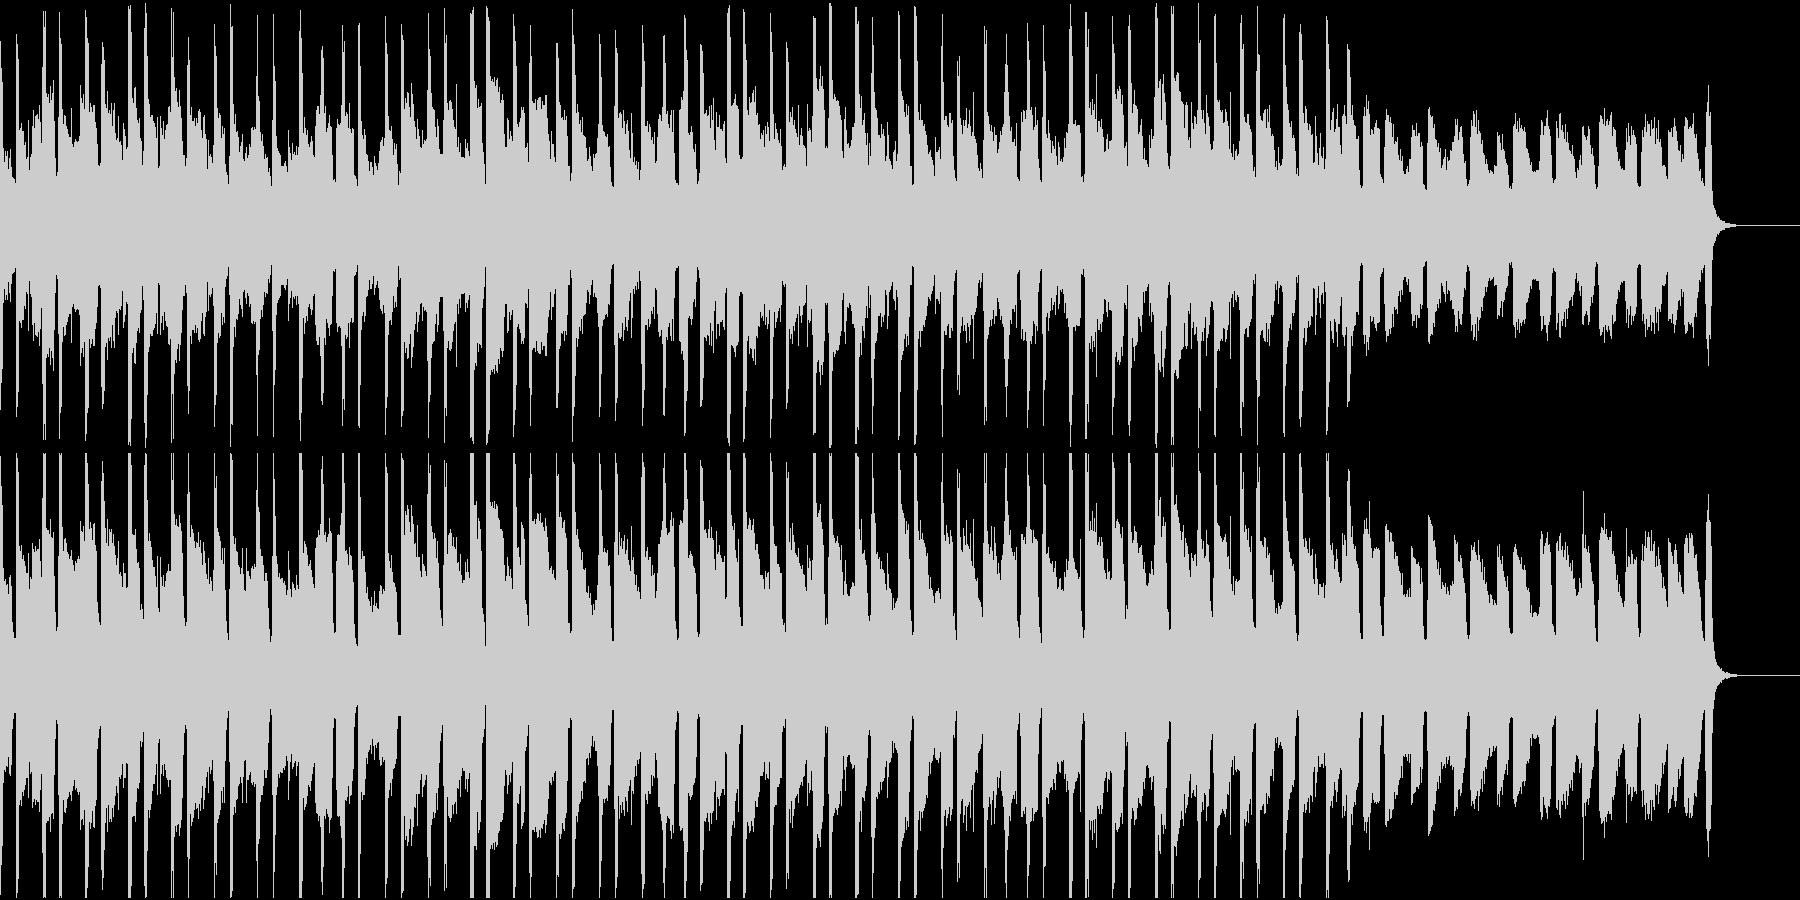 ノスタルジーを感じるギター曲です。の未再生の波形